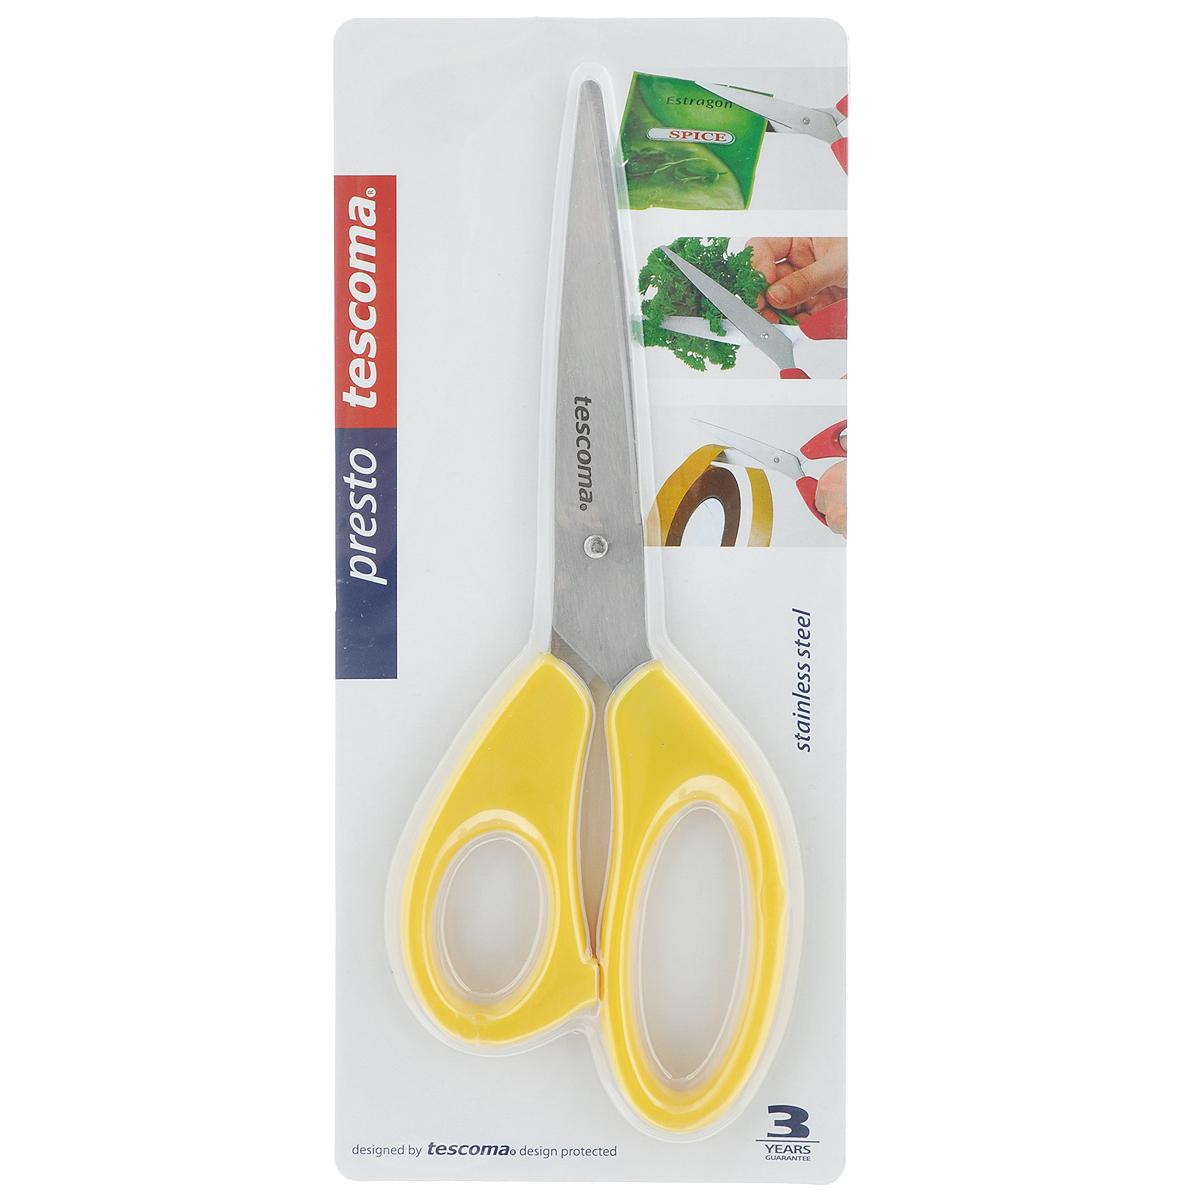 Ножницы Tescoma Presto, цвет: желтый, длина 22 см888214_желтыйУниверсальные ножницы Tescoma Presto предназначены для дома и офиса, пригодны для резки всех обычных материалов - бумаги, ткани и т.д. Ими также удобно нарезать зелень, разрезать пакеты. Лезвия изготовлены из первоклассной нержавеющей стали, а рукоятки - из пластика. Длина ножниц: 22 см.